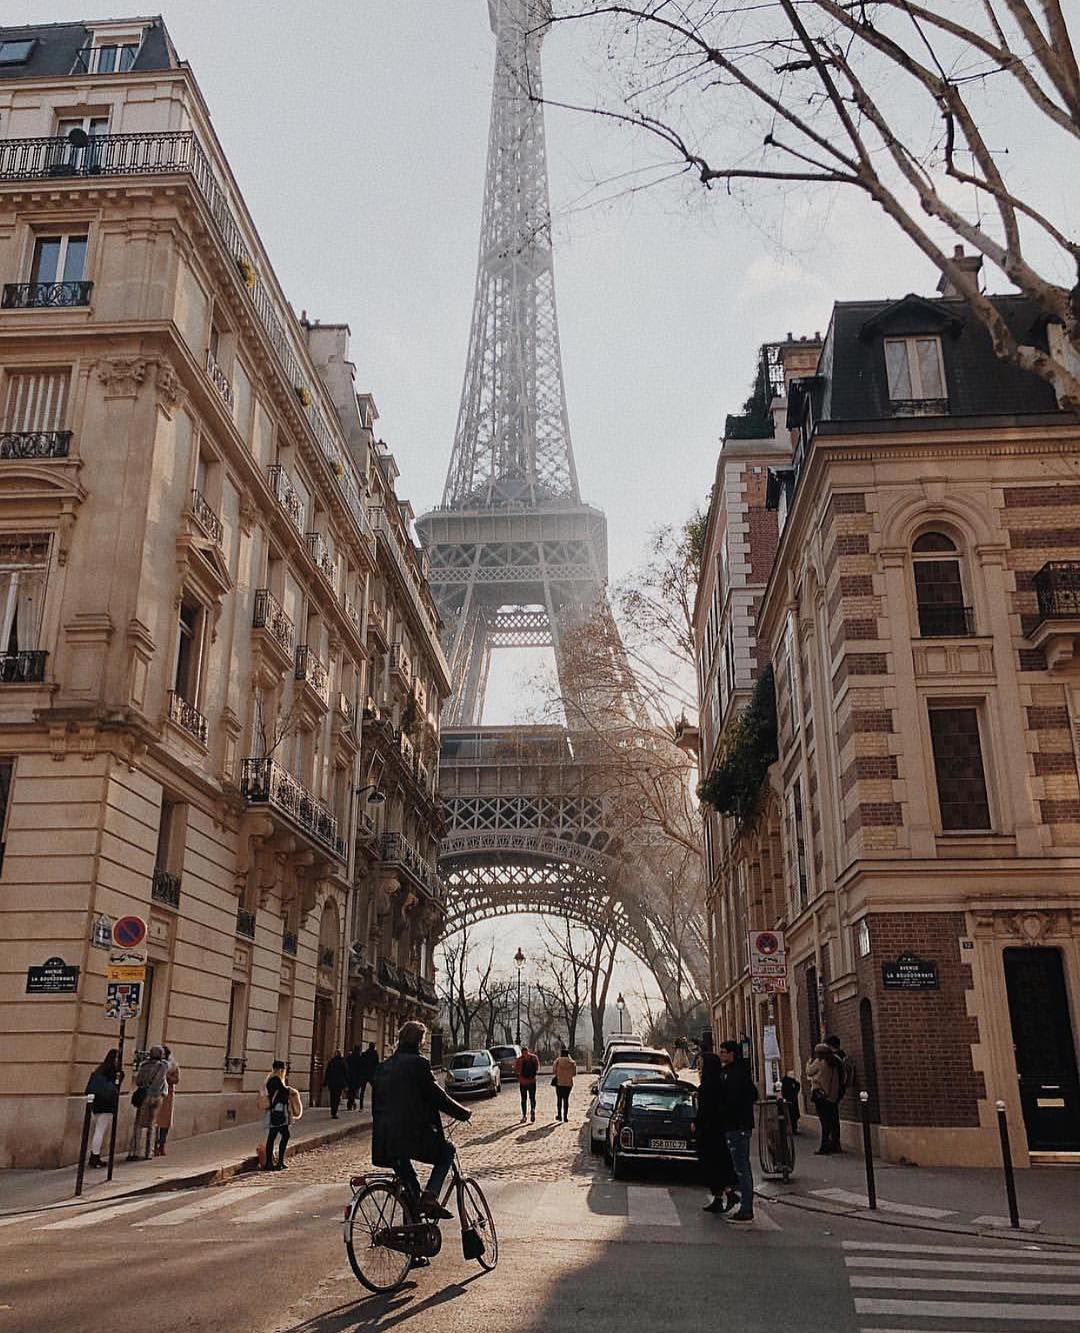 Womensfashion Womensfashionreview Womensfashions Womensfashionpost Womensfashionblog Womensfashionb Reizen Naar Parijs Parijs Fotografie Parijs Frankrijk